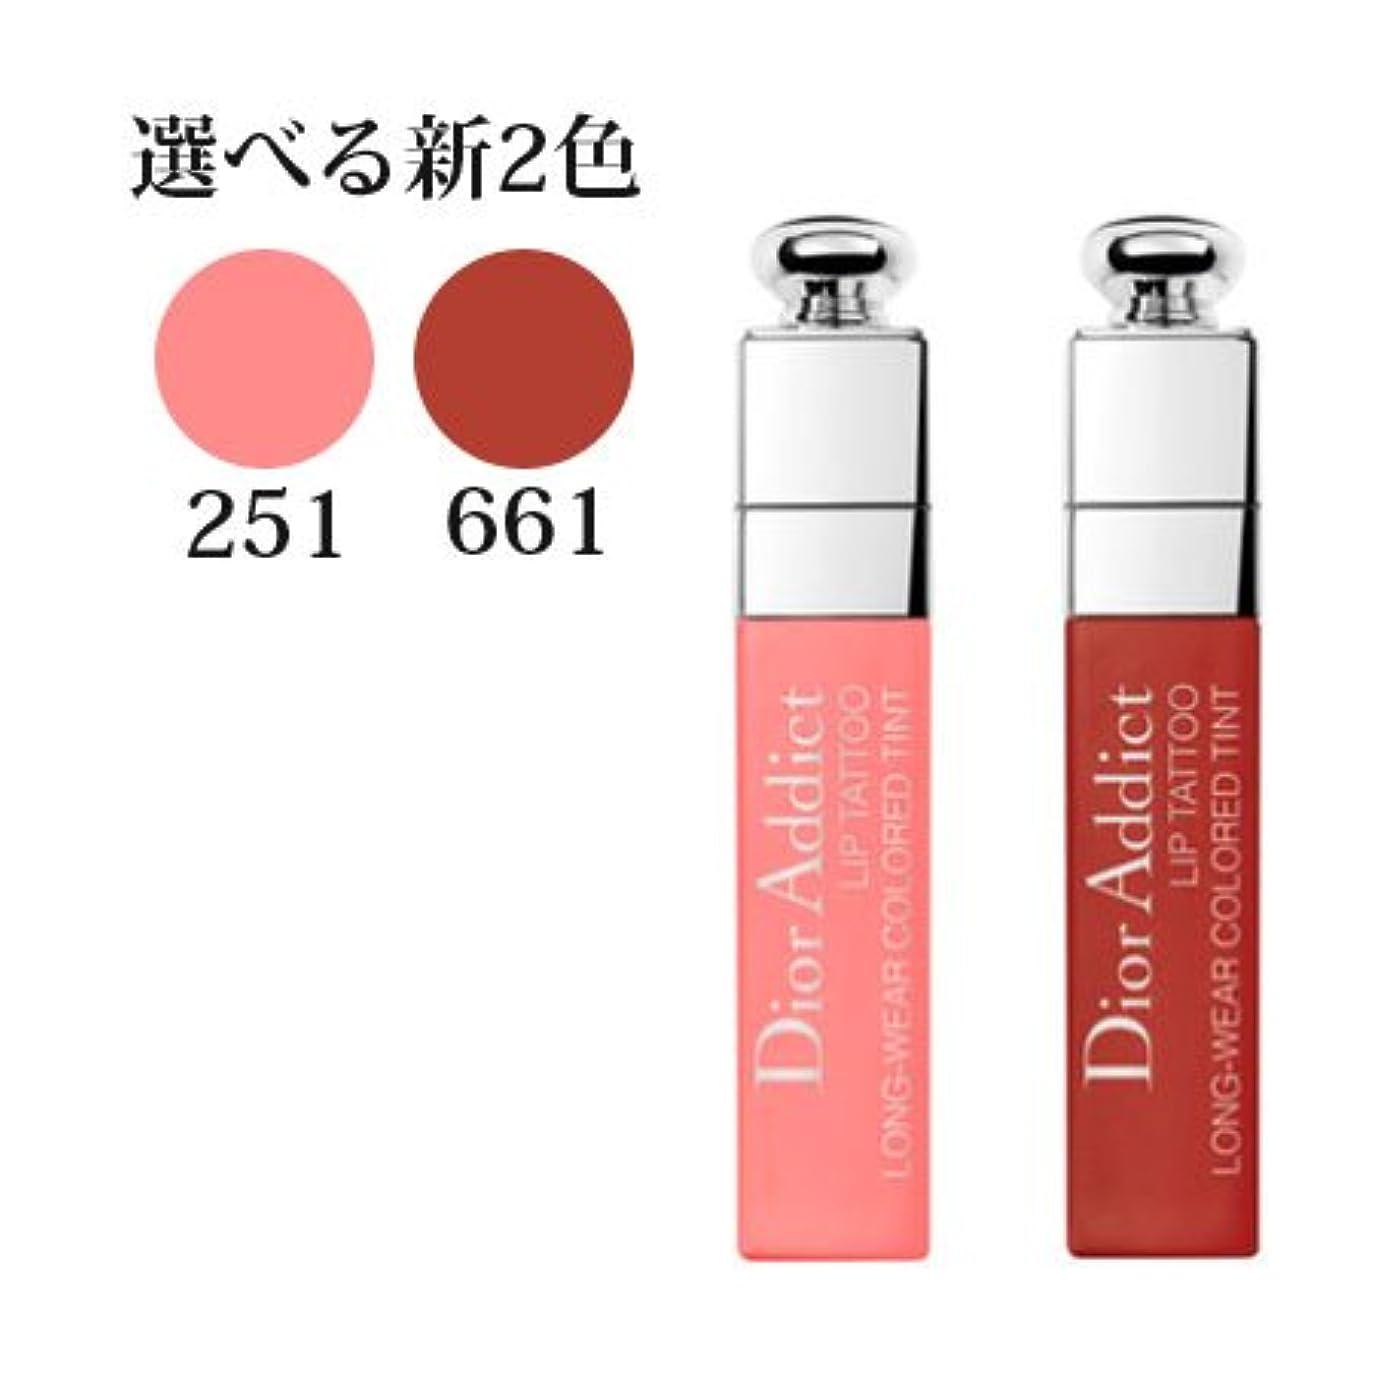 ディオール アディクト リップ ティント 選べる新2色 -Dior- 251:ナチュラル ピーチ